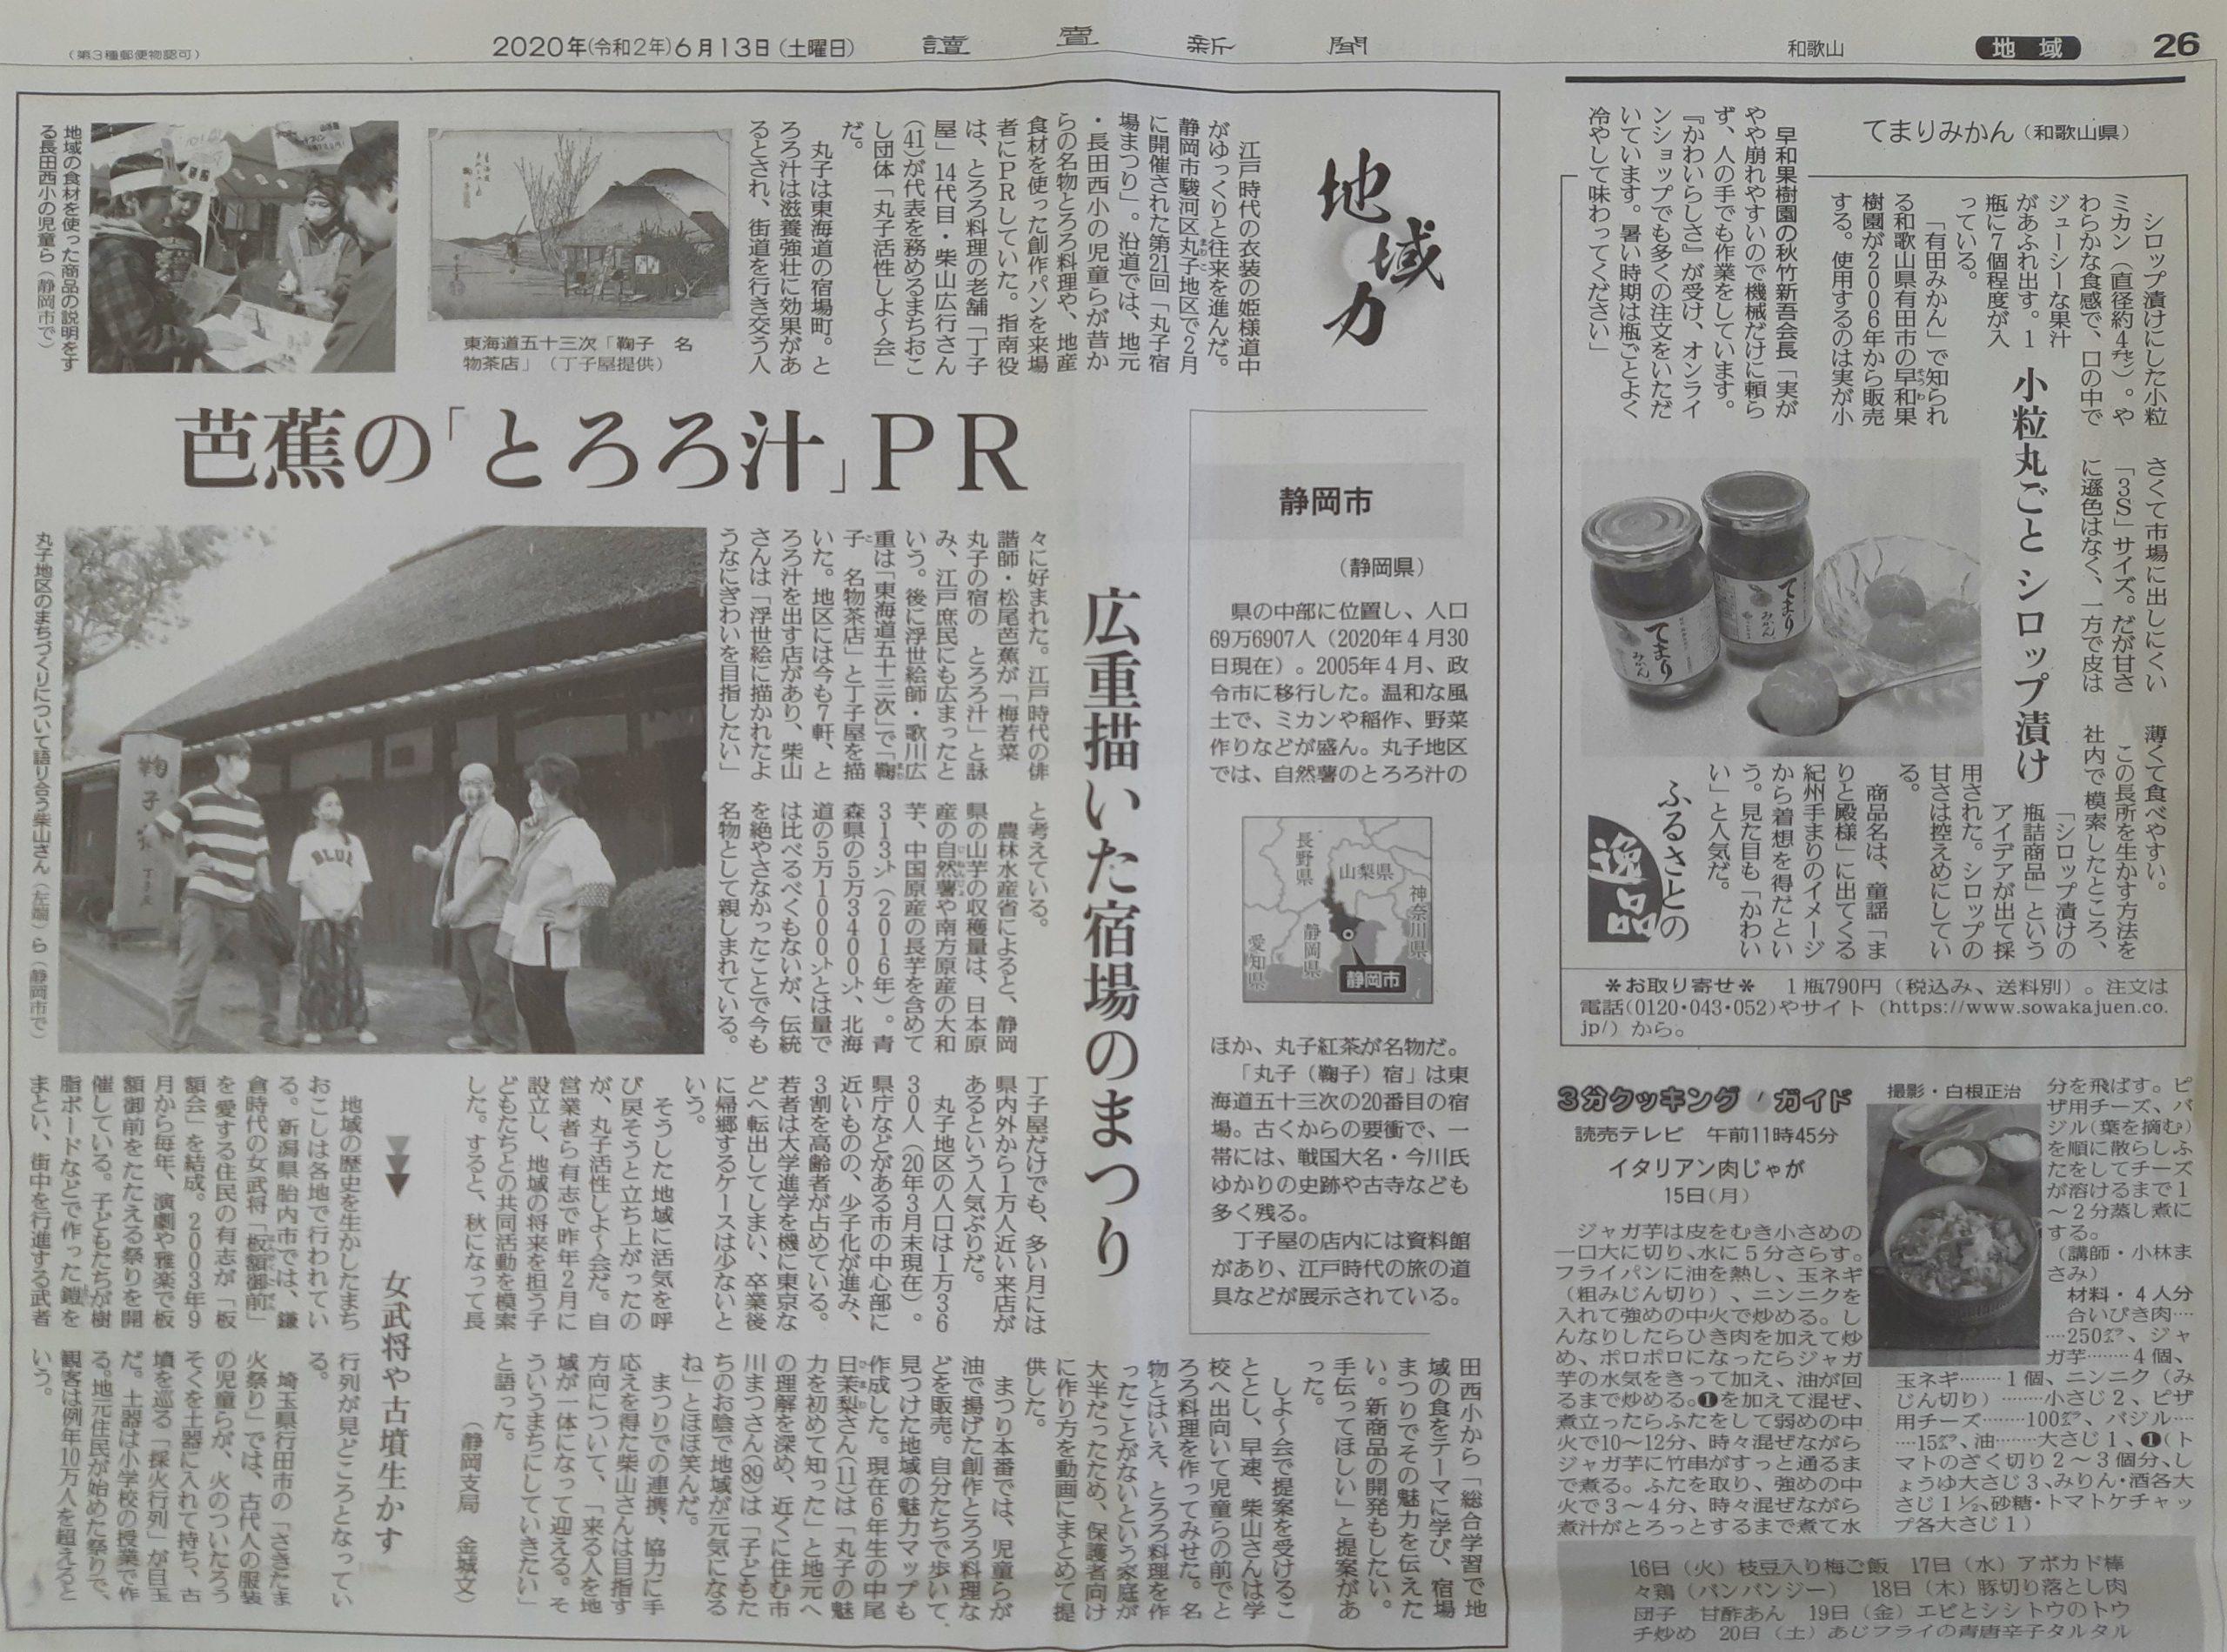 読売新聞 2020年(令和2年)6月13日(土曜日)発行